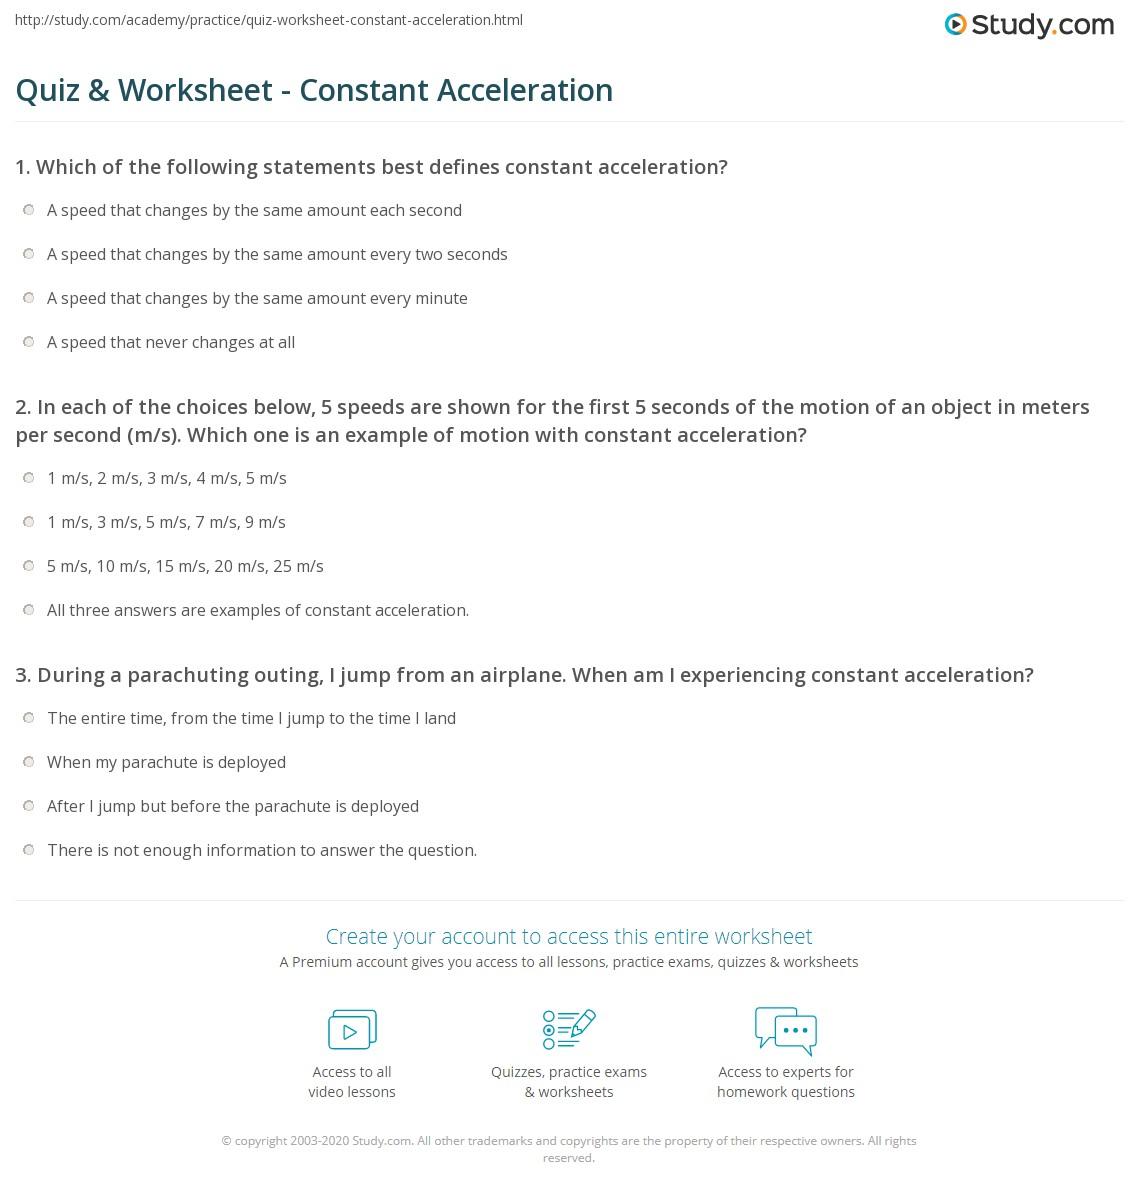 Quiz & Worksheet - Constant Acceleration | Study.com